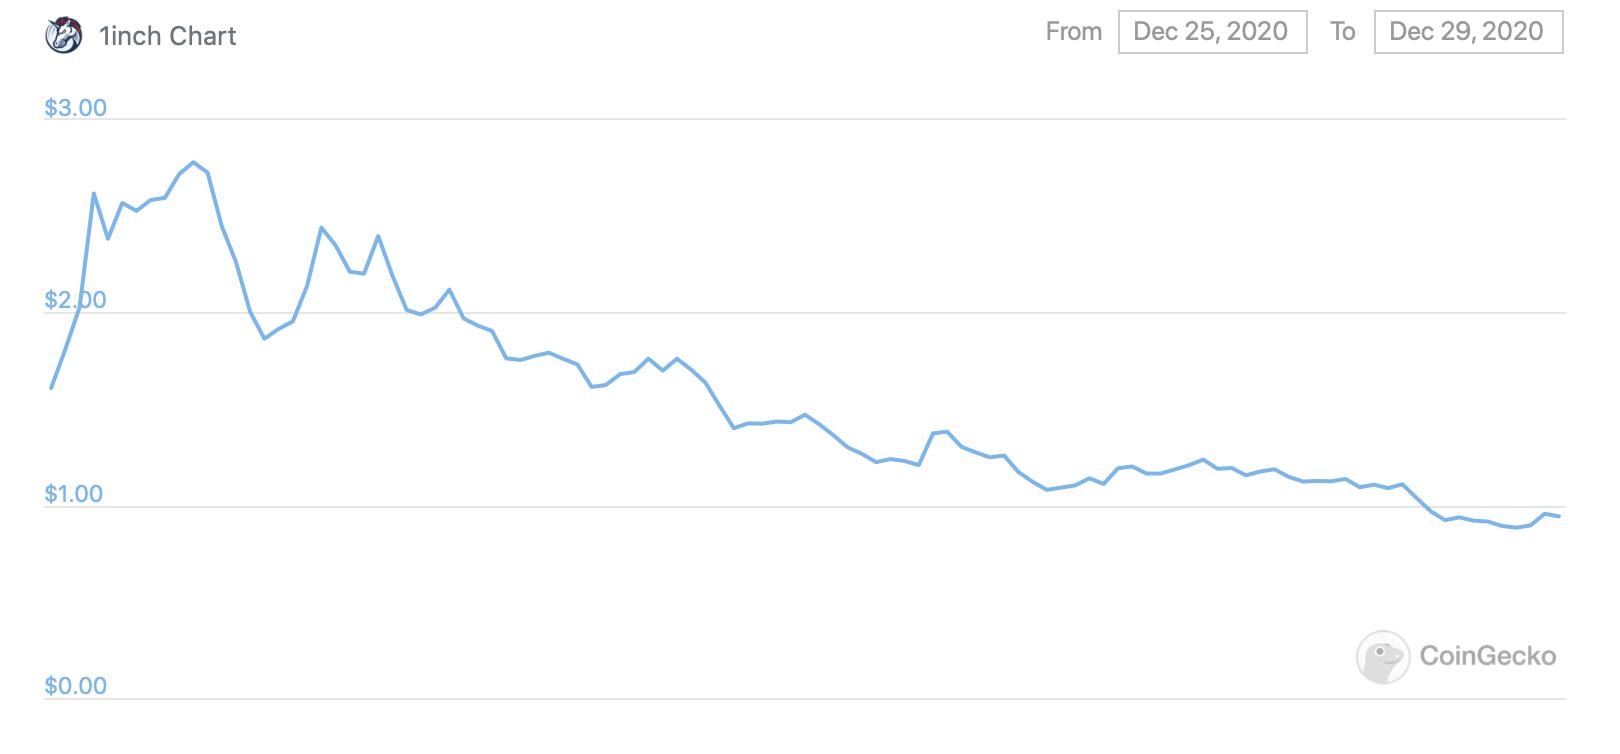 График курса токена 1inch